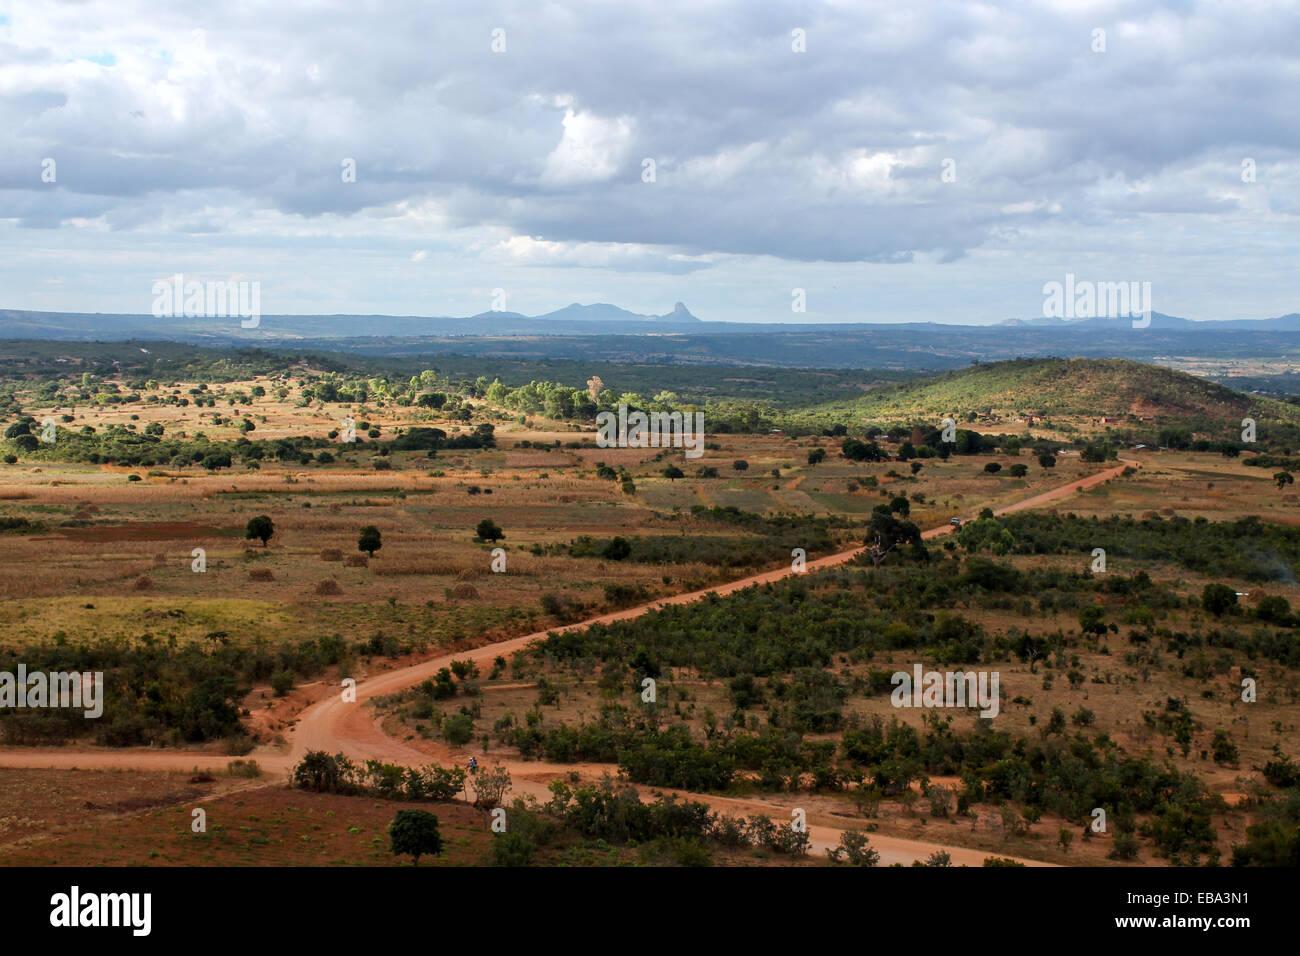 Malawi Landscape. - Stock Image